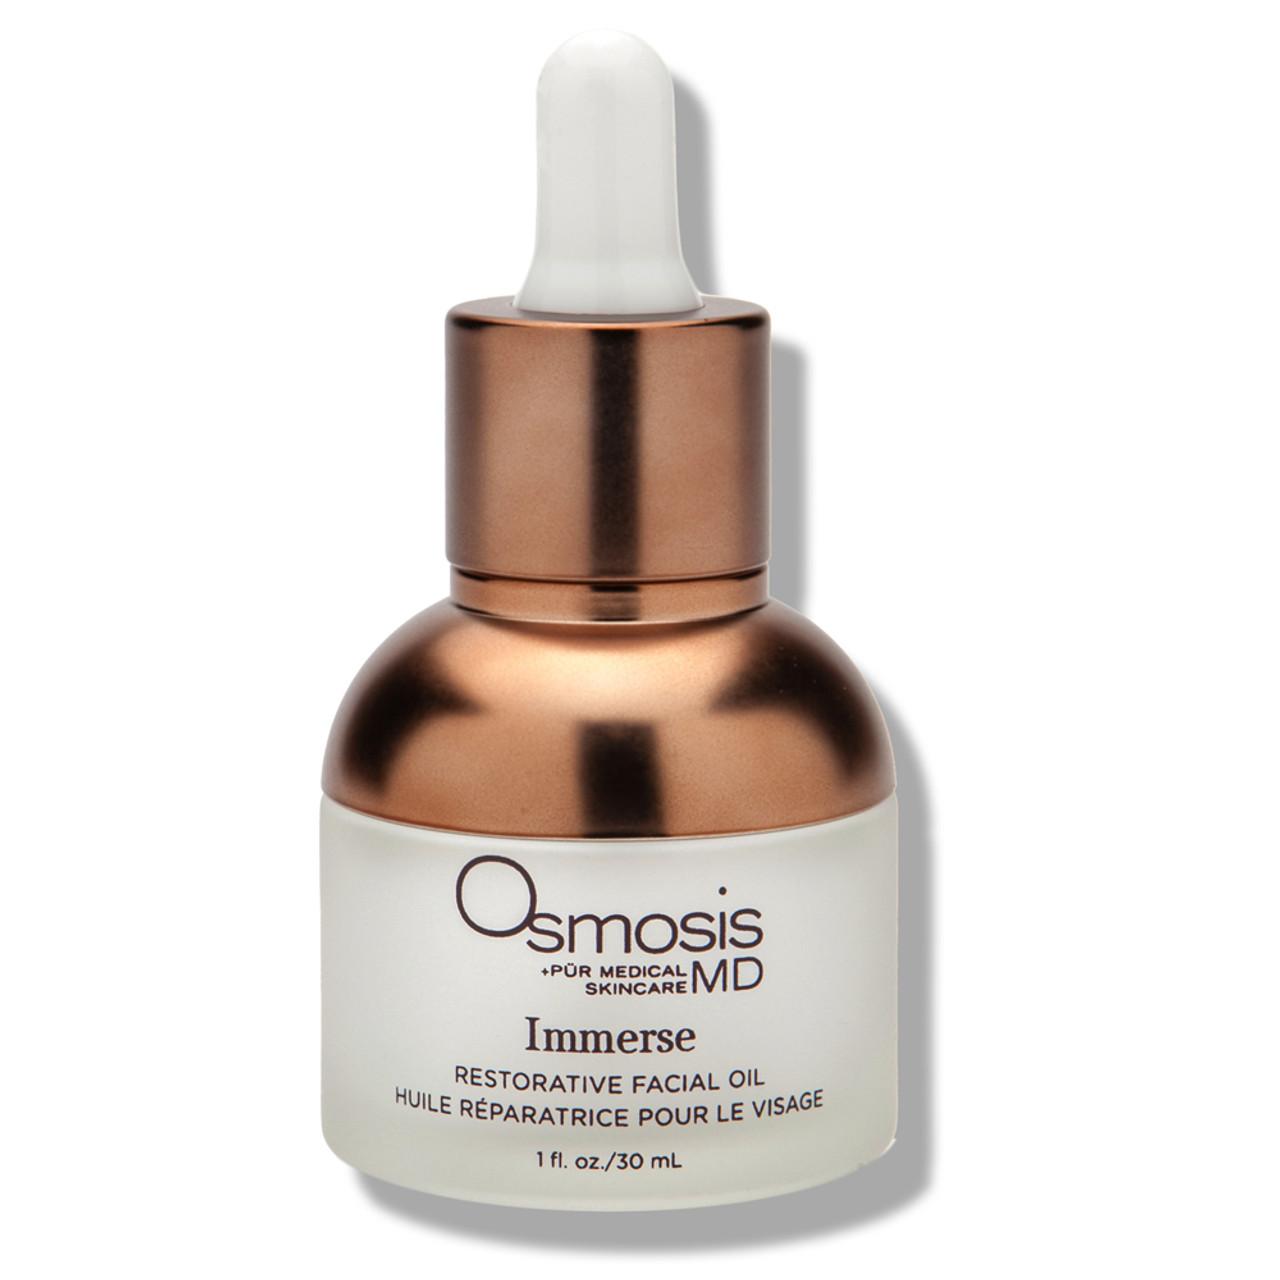 Osmosis +Skincare MD Immerse - Restorative Facial Oil BeautifiedYou.com